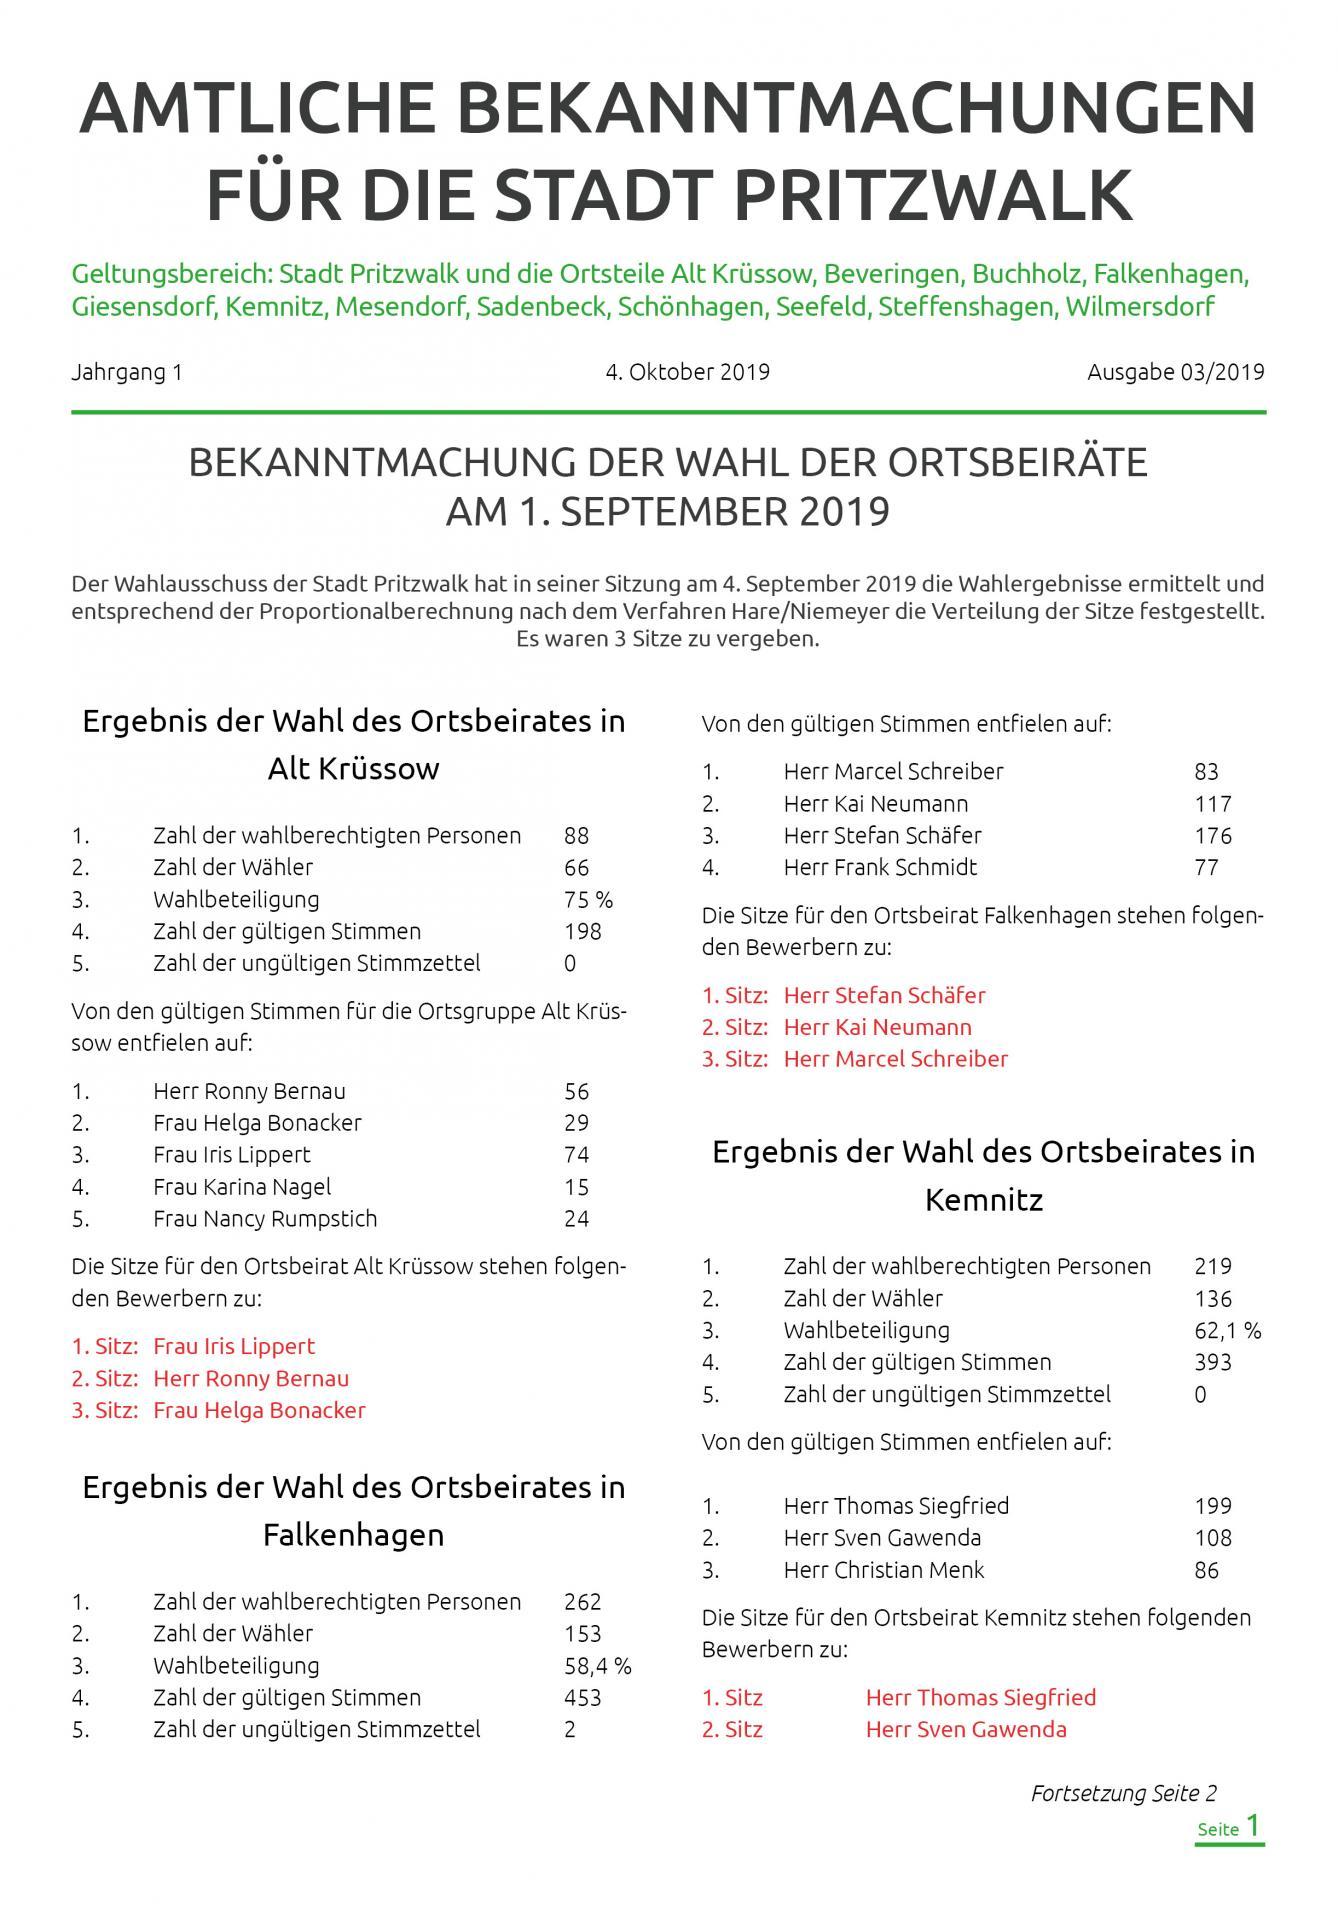 Bekanntmachungen-10-2019-titel